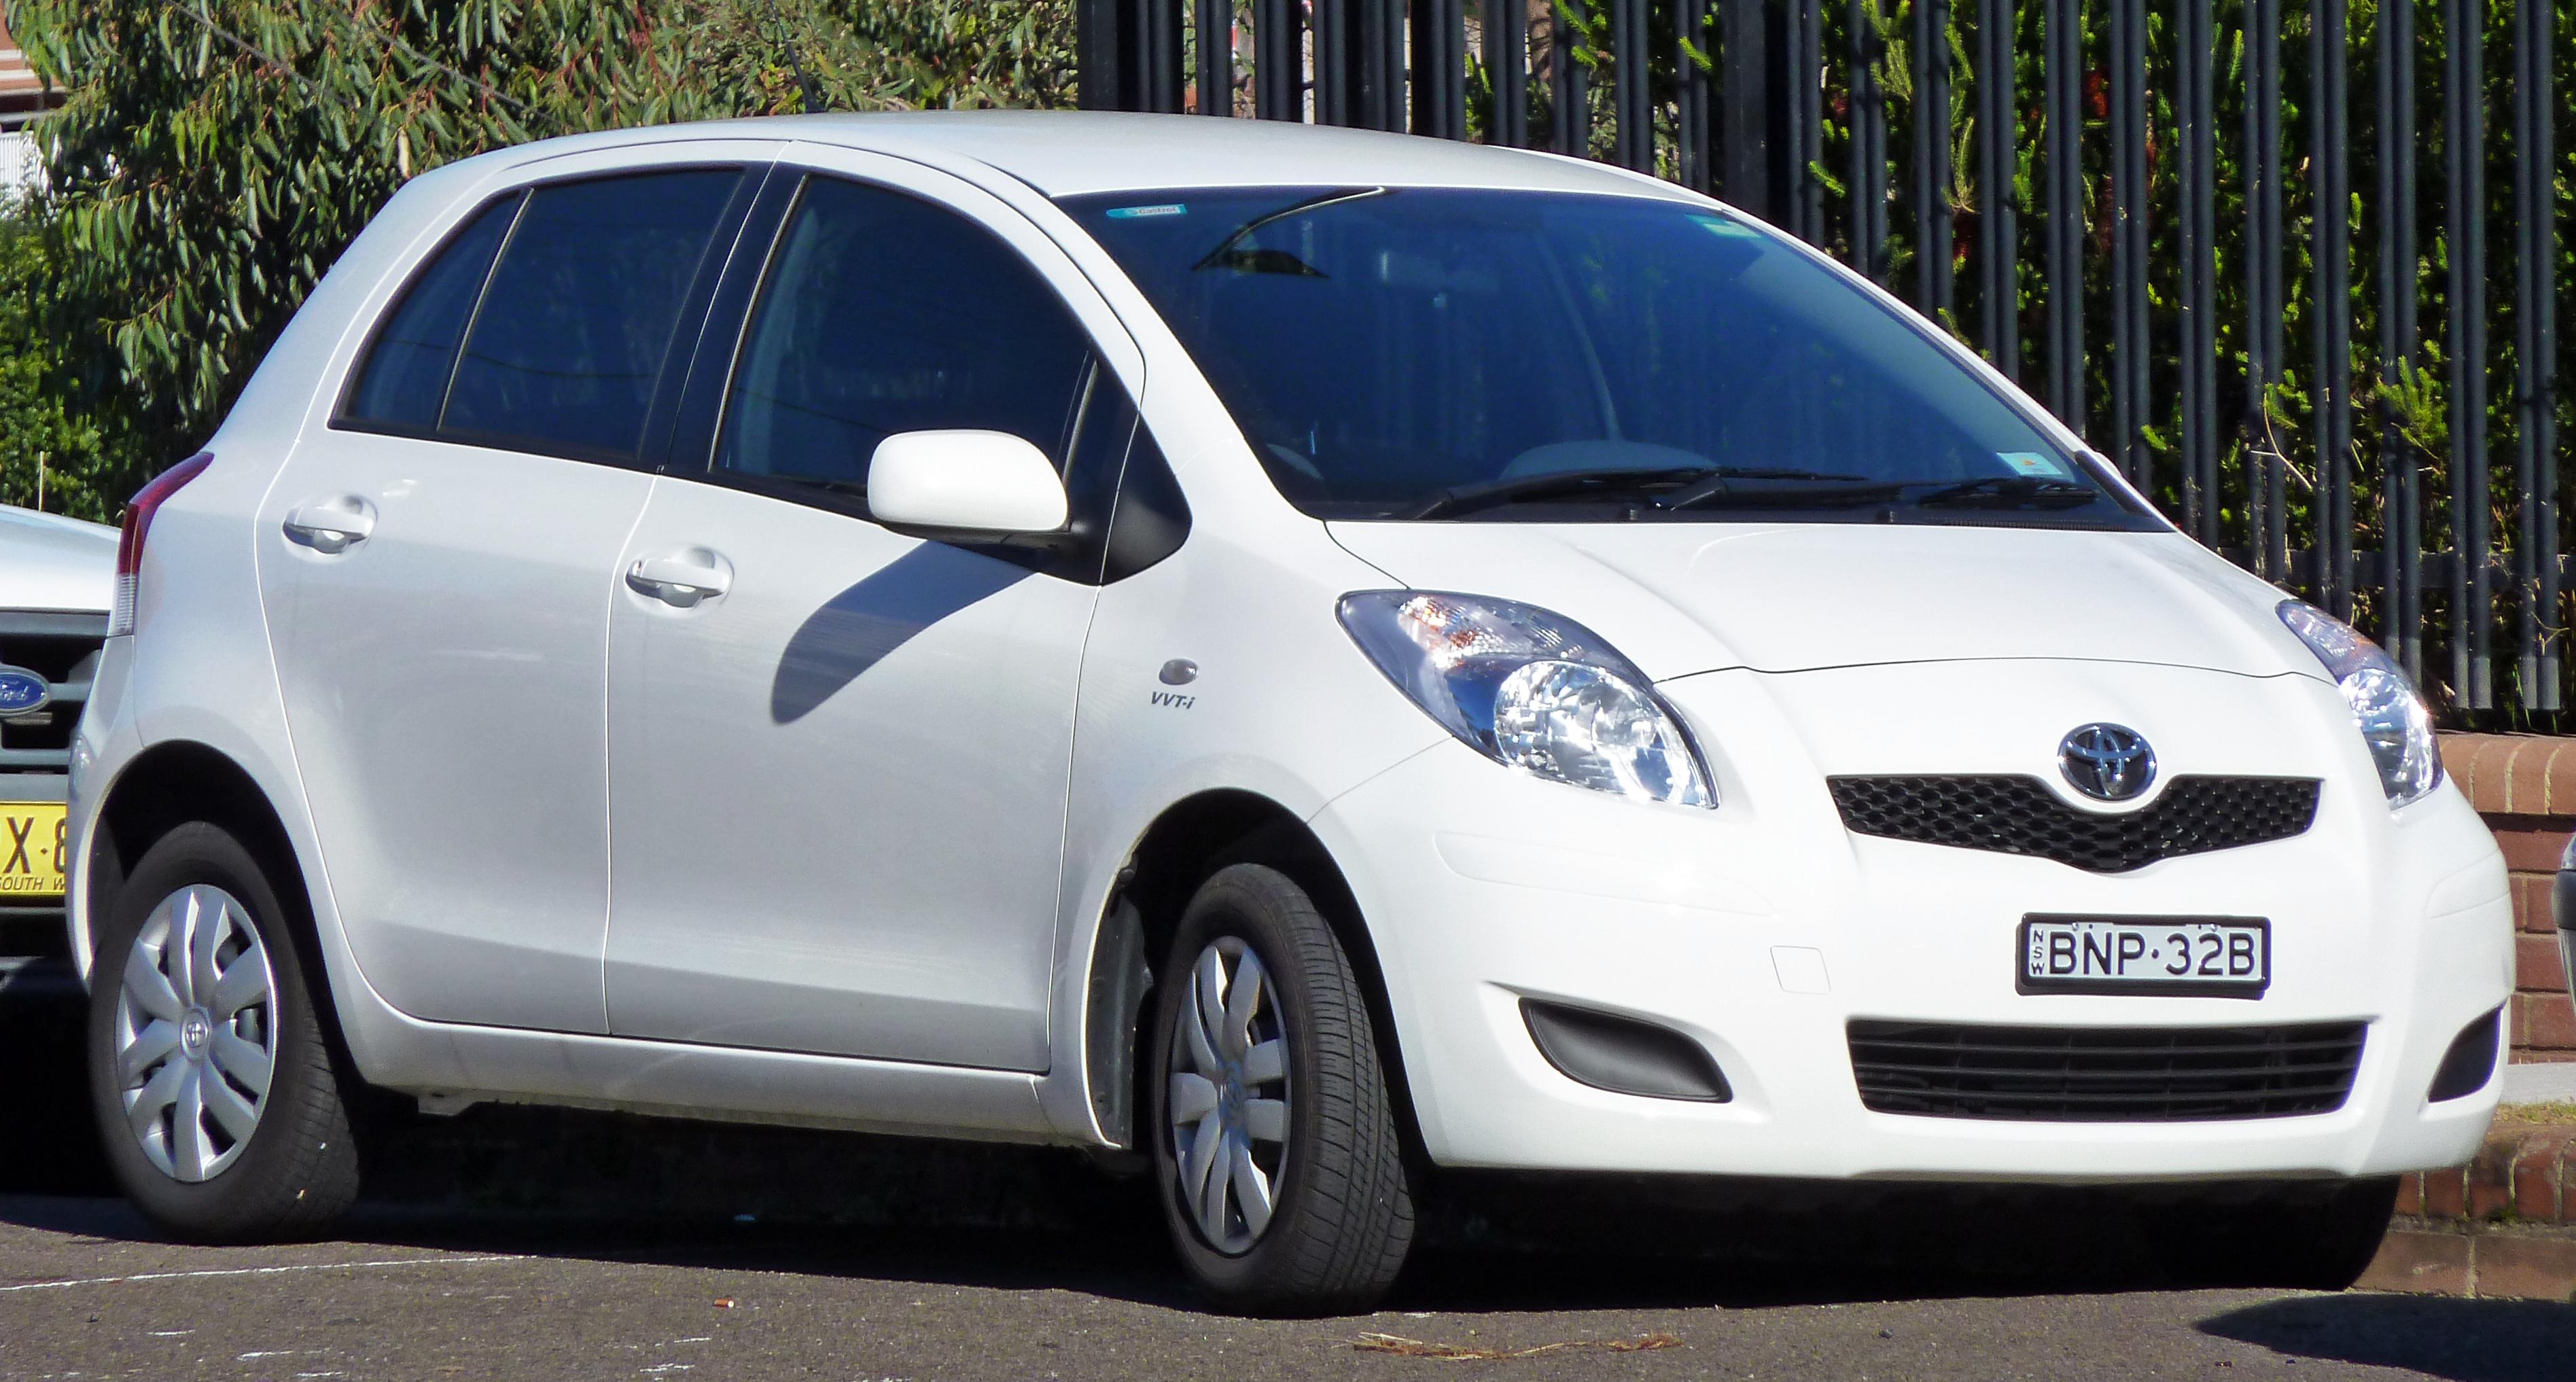 Toyota Yaris 2008 White